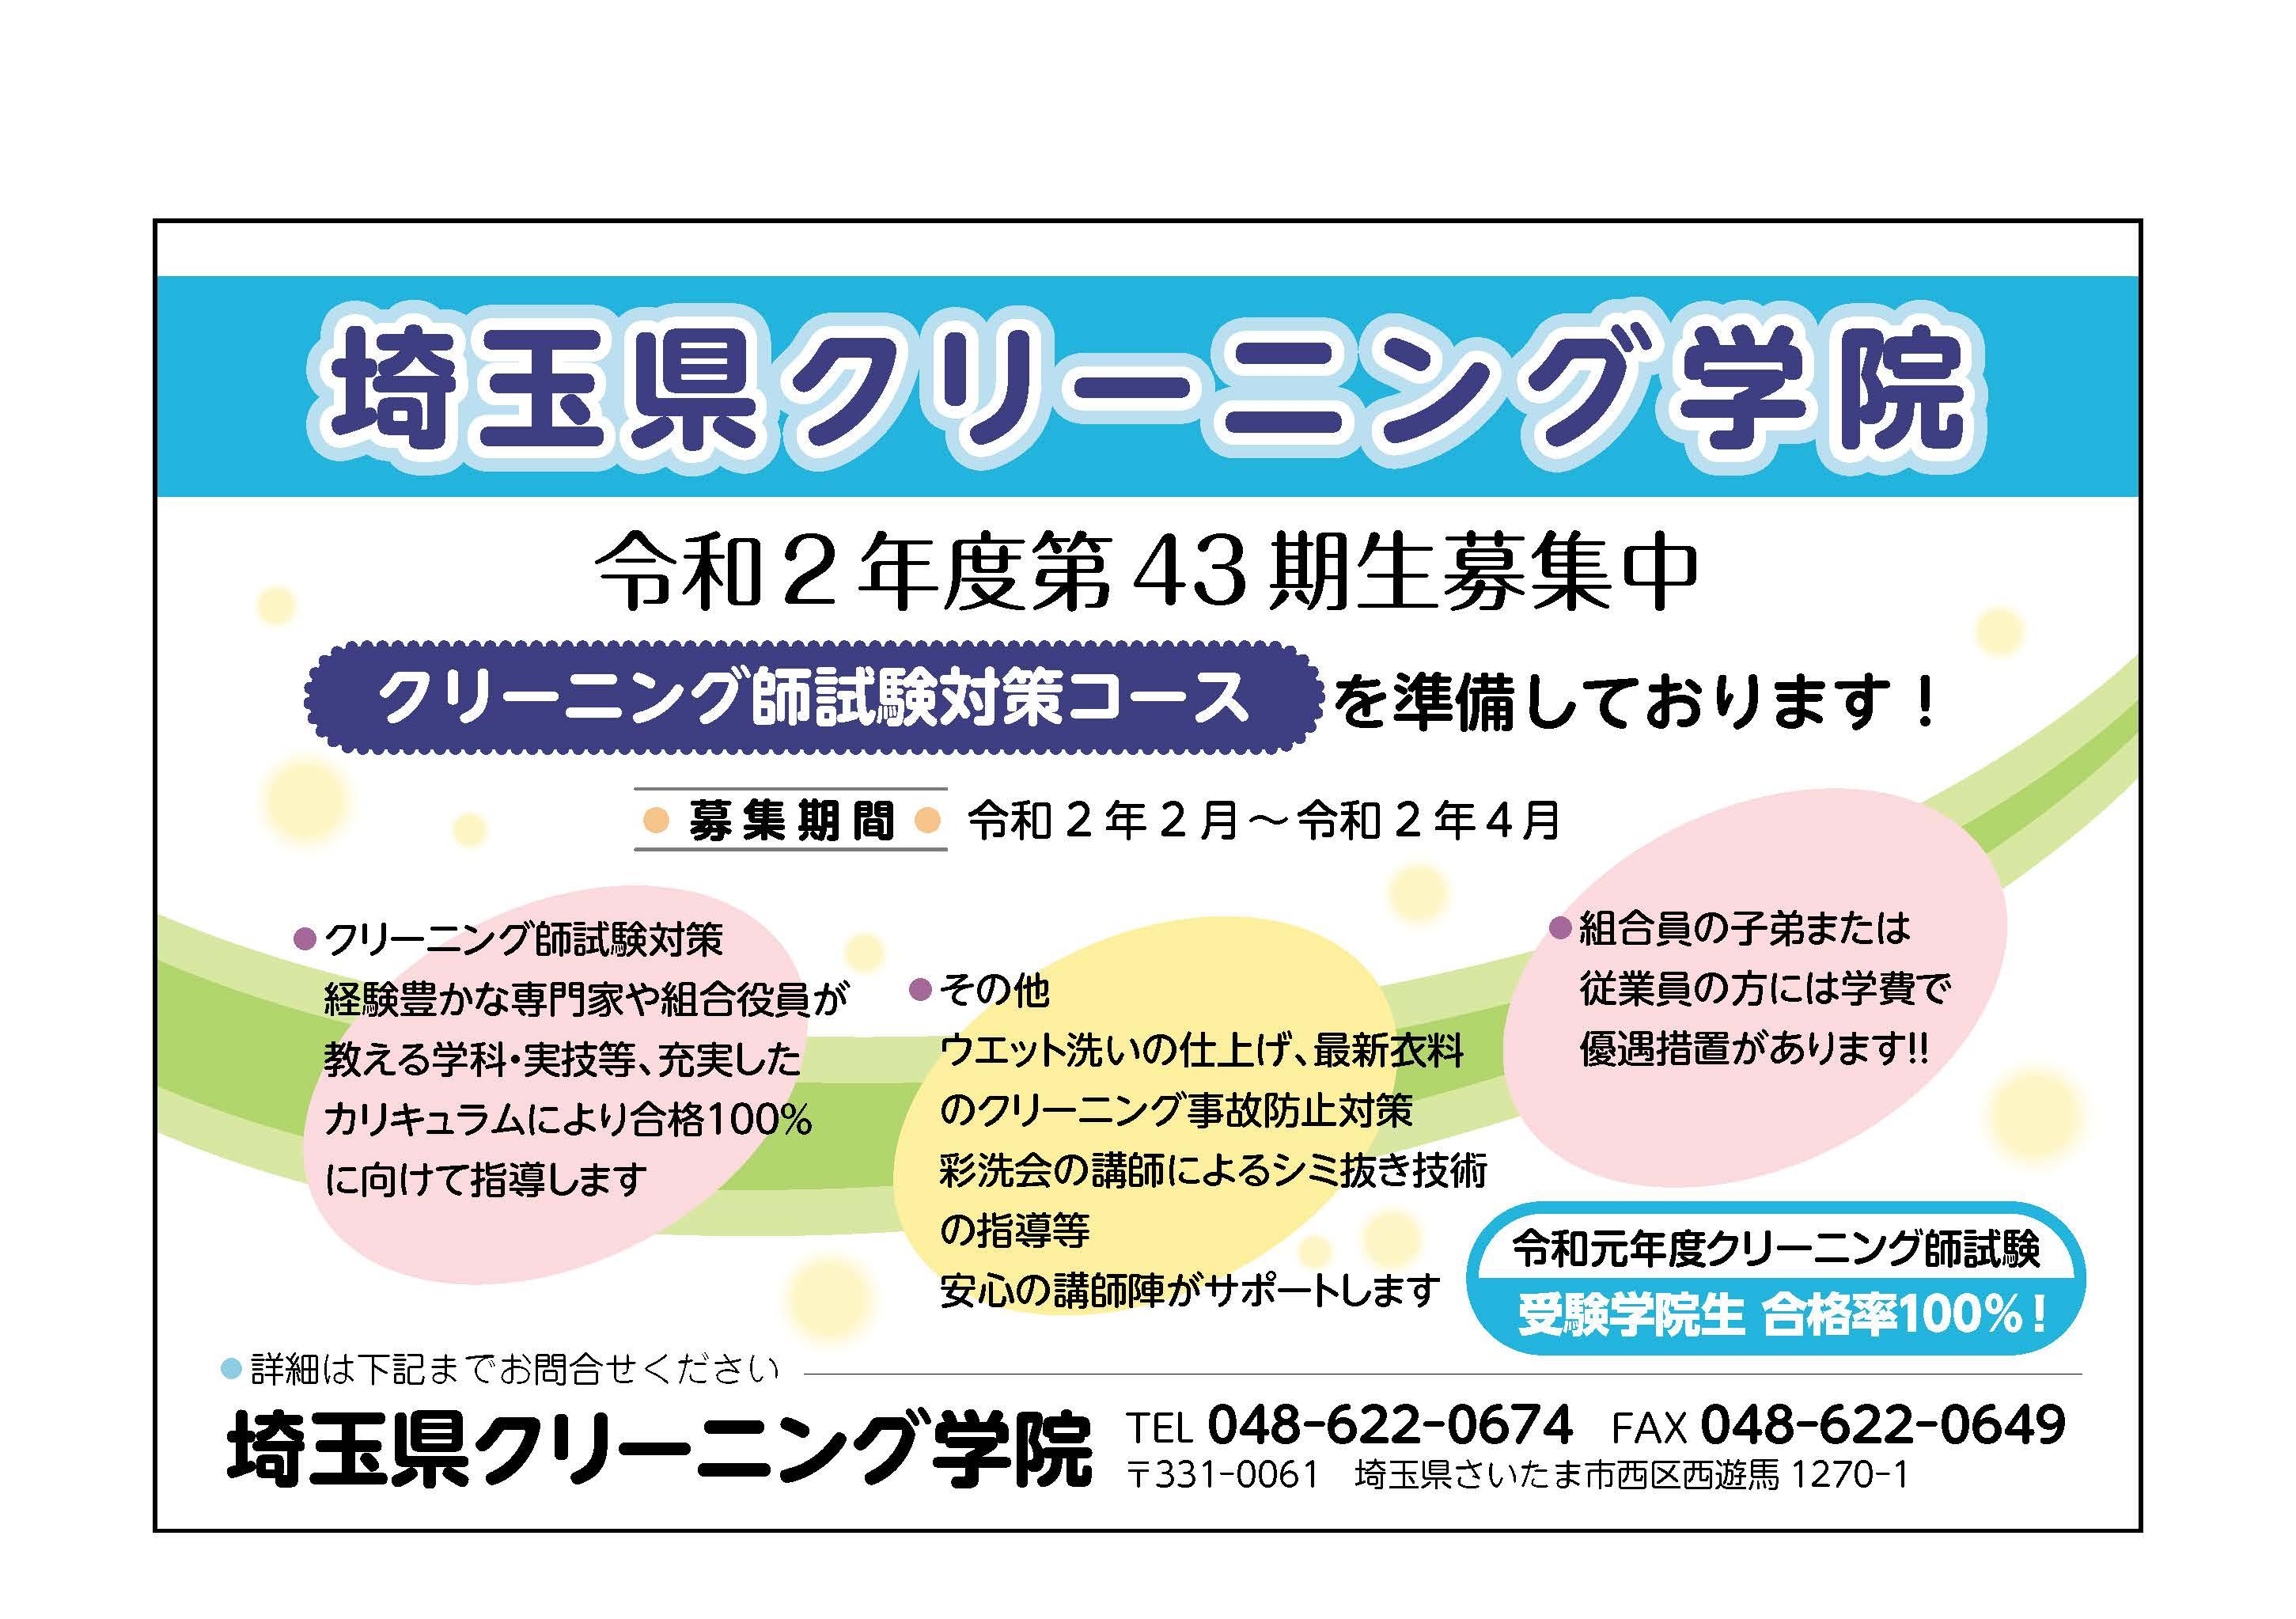 saitama_school2019ad.jpg